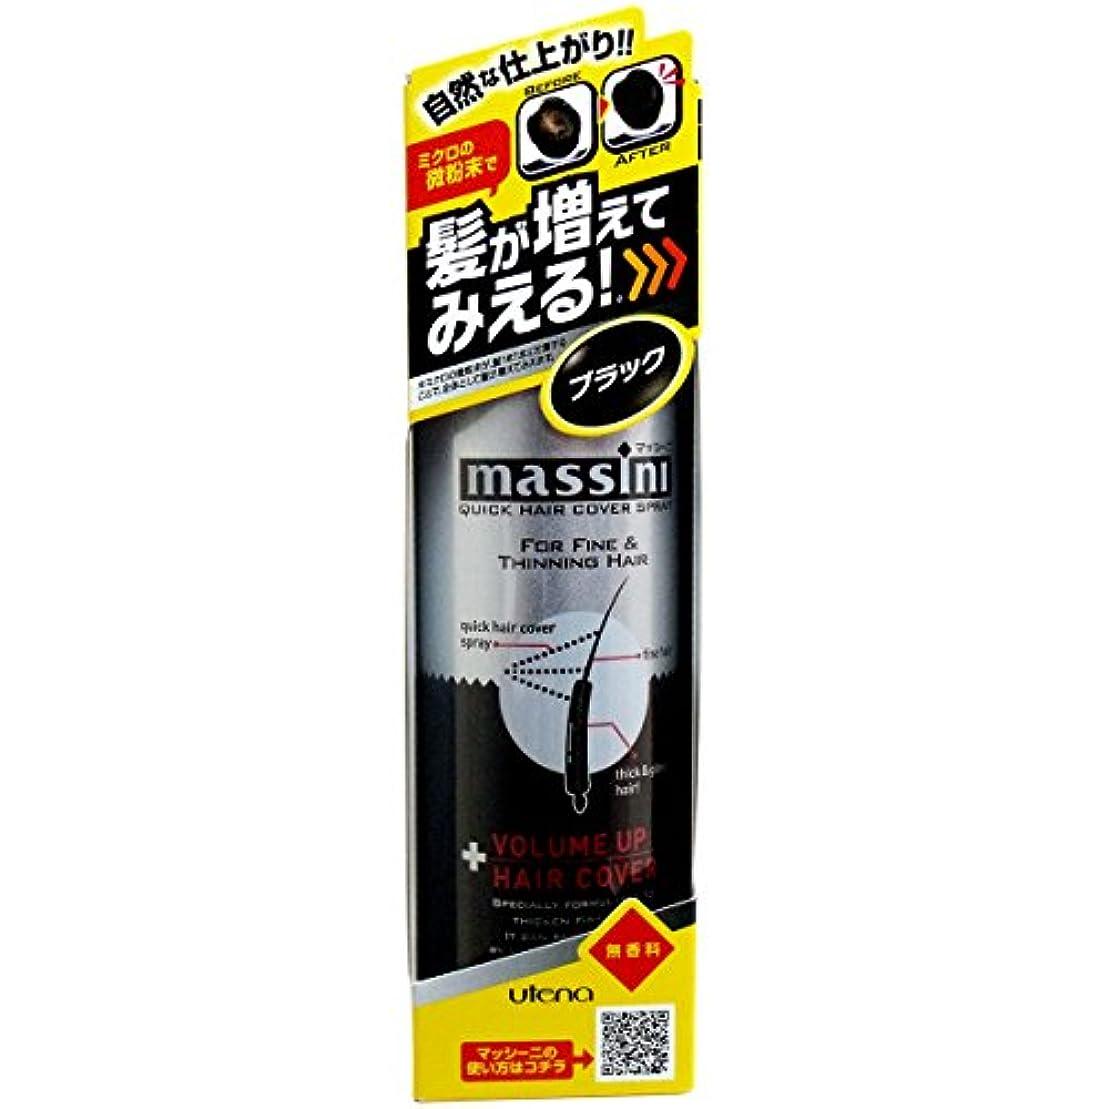 有利処理絡み合い【ウテナ】マッシーニ クィックヘアカバースプレー(ブラック) 140g ×3個セット